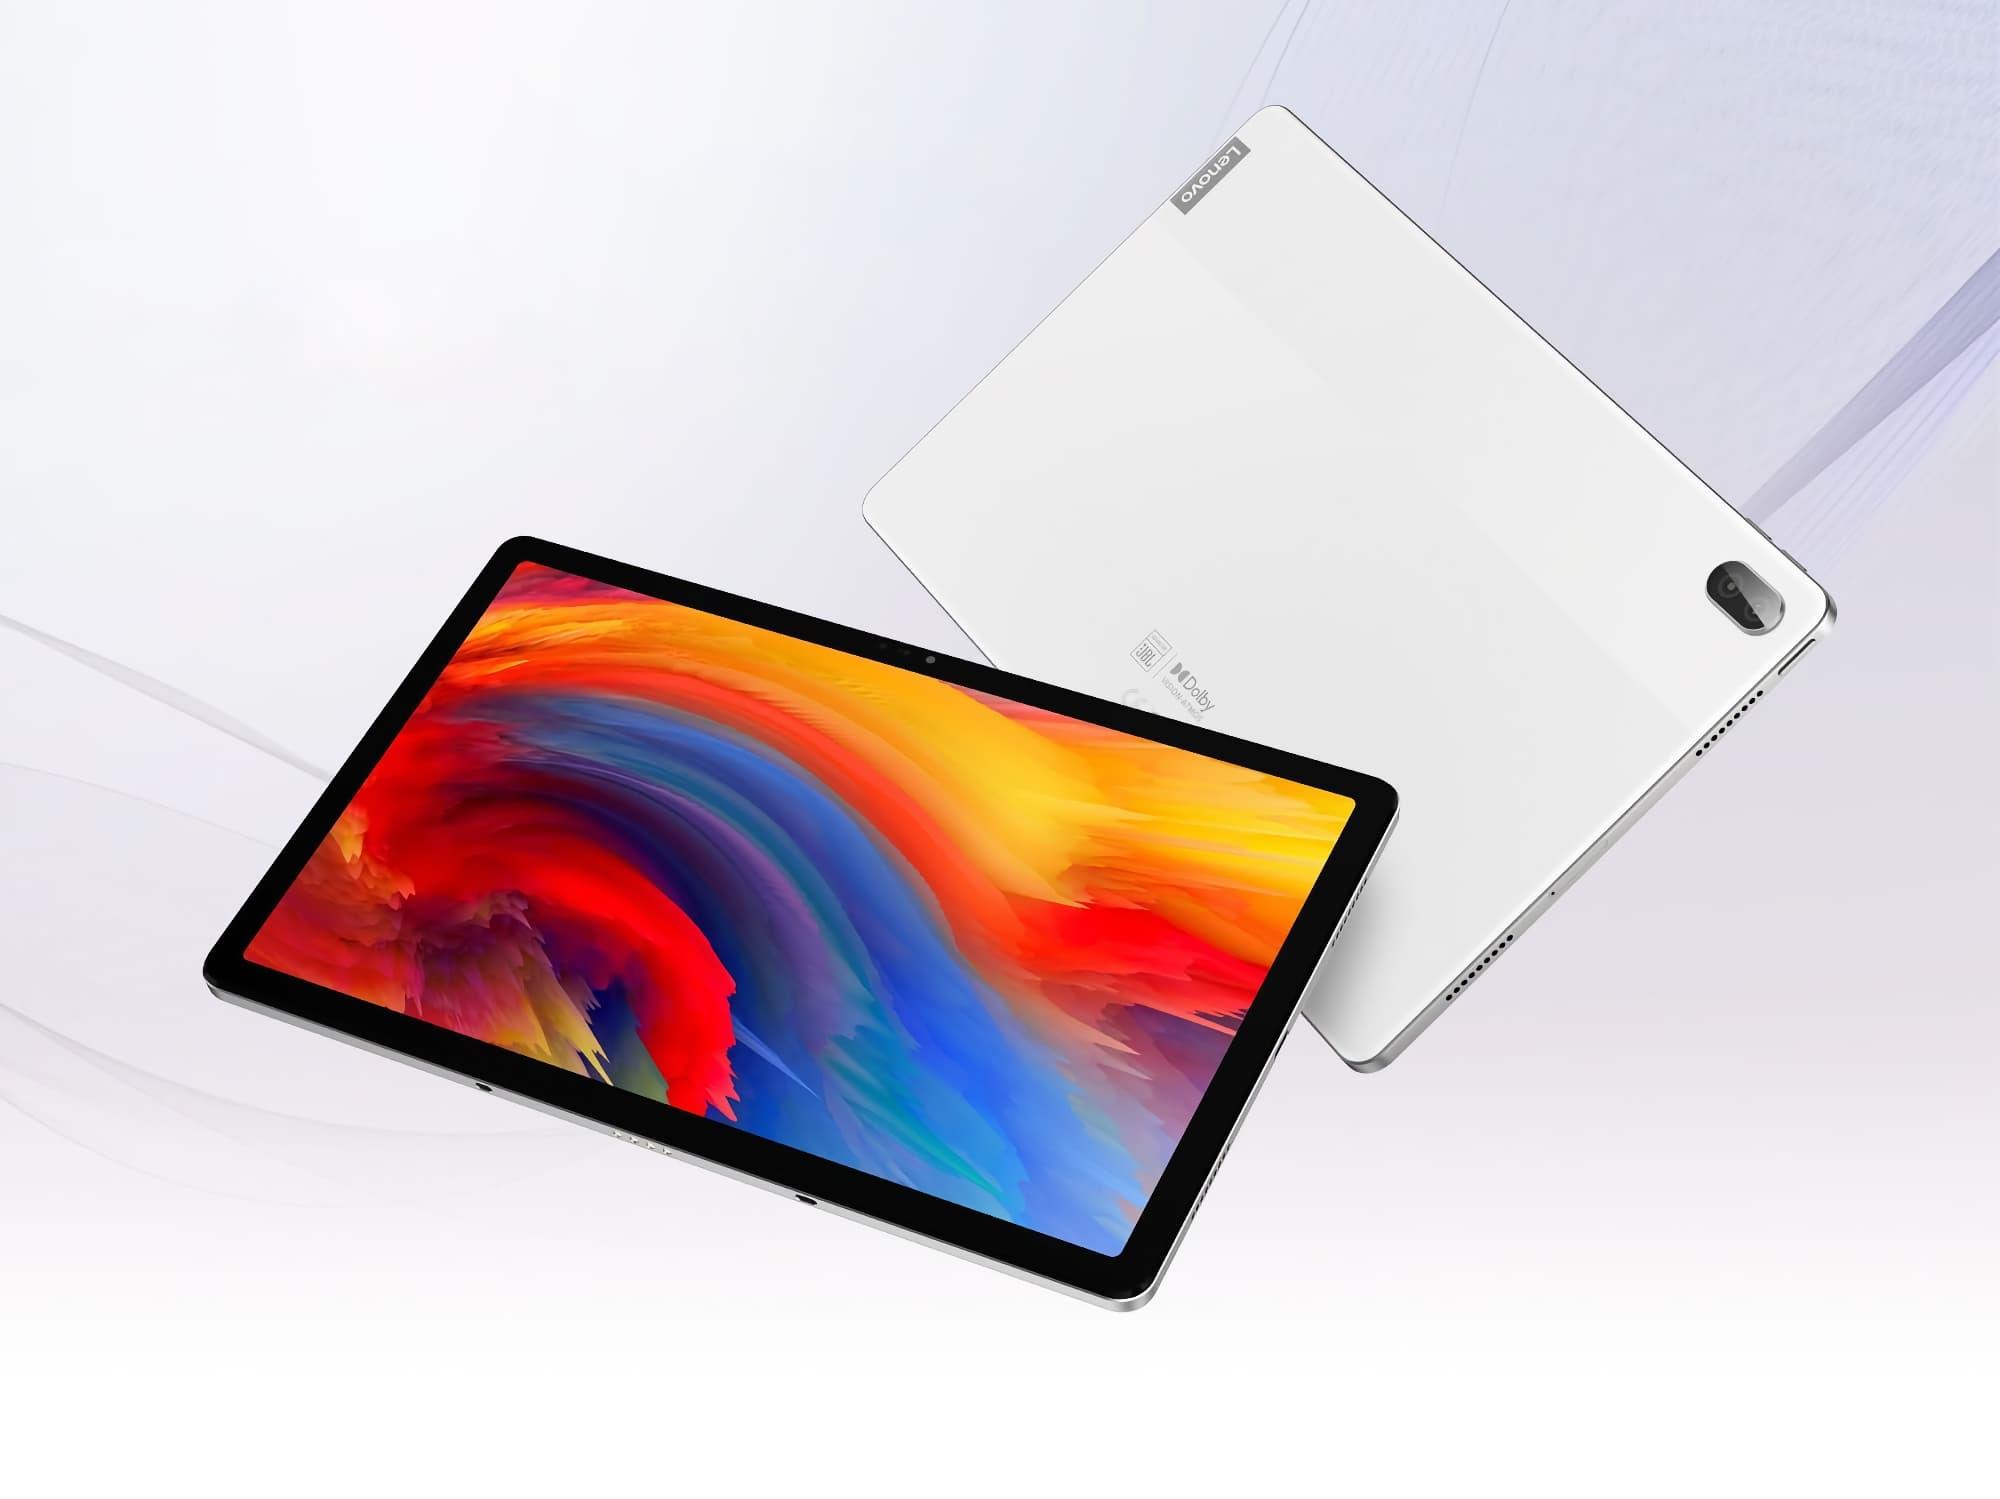 Lenovo Pad Plus с чипом Snapdragon 750G и 11-дюймовым экраном выйдет на глобальном рынке, как Lenovo Tab QT K11 Pro WiFi